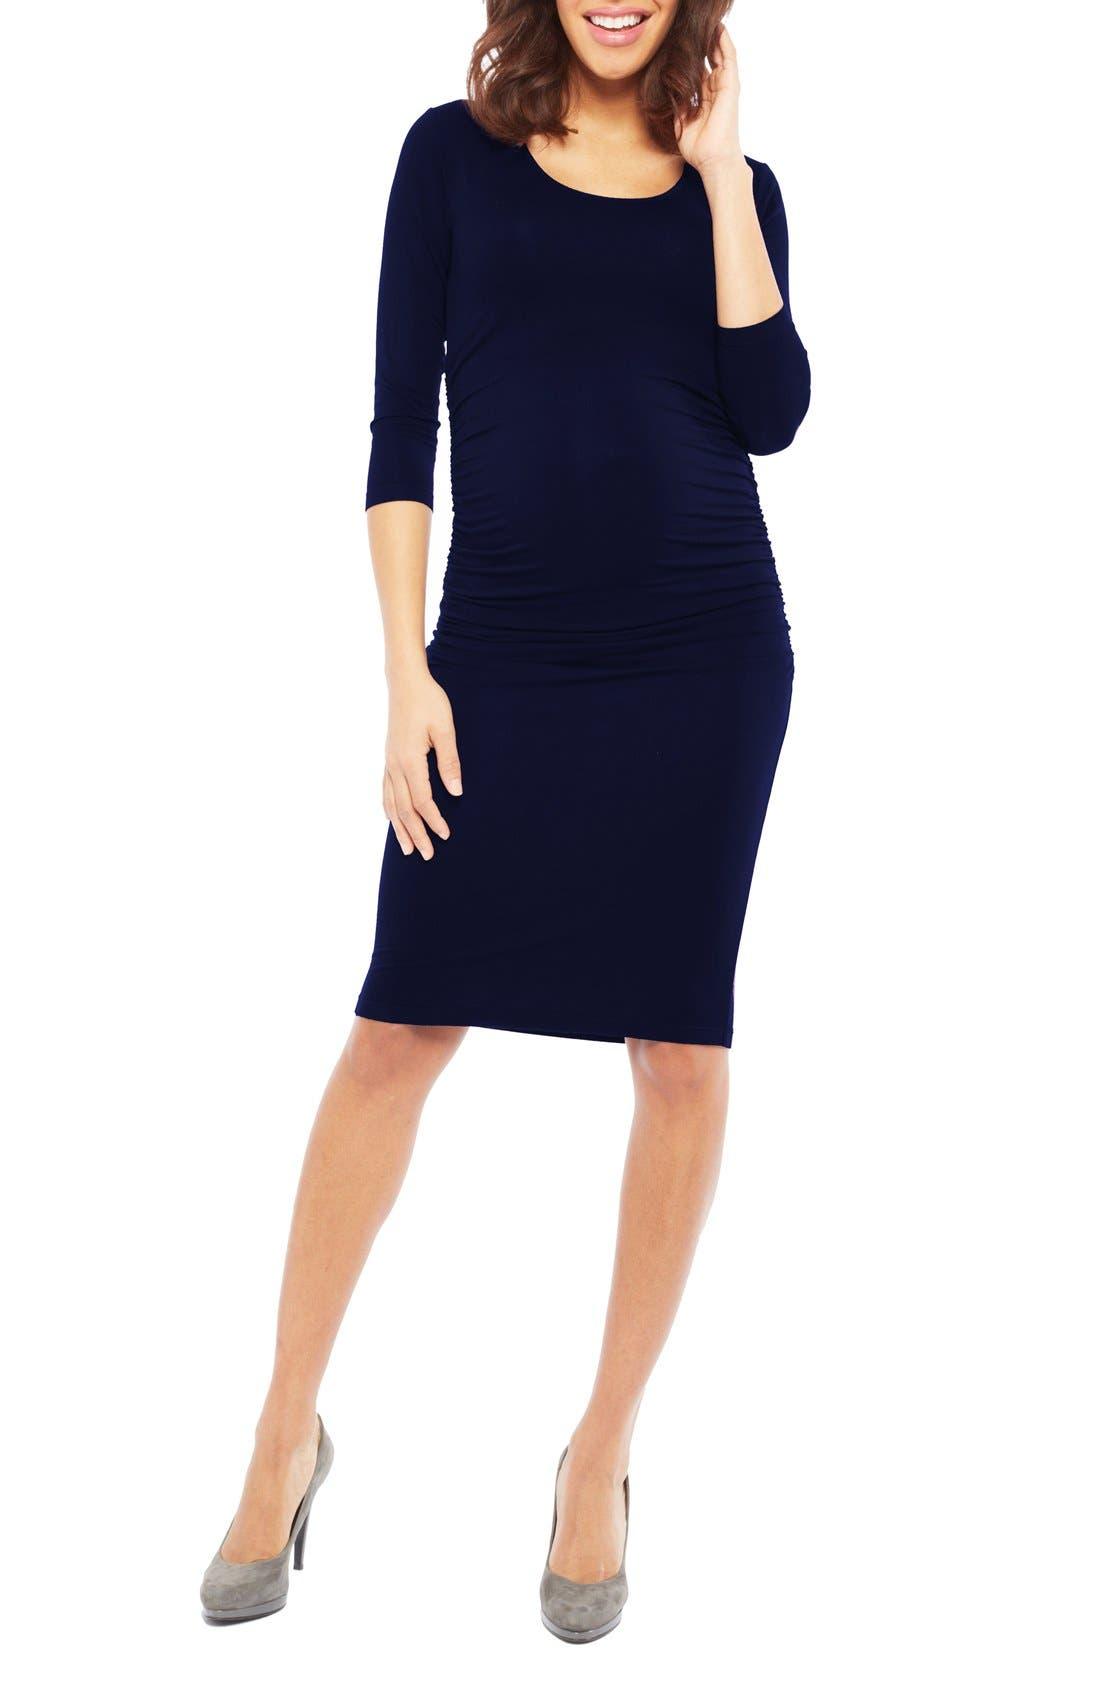 Alternate Image 1 Selected - Nom 'Ellie' Ruched Maternity Dress